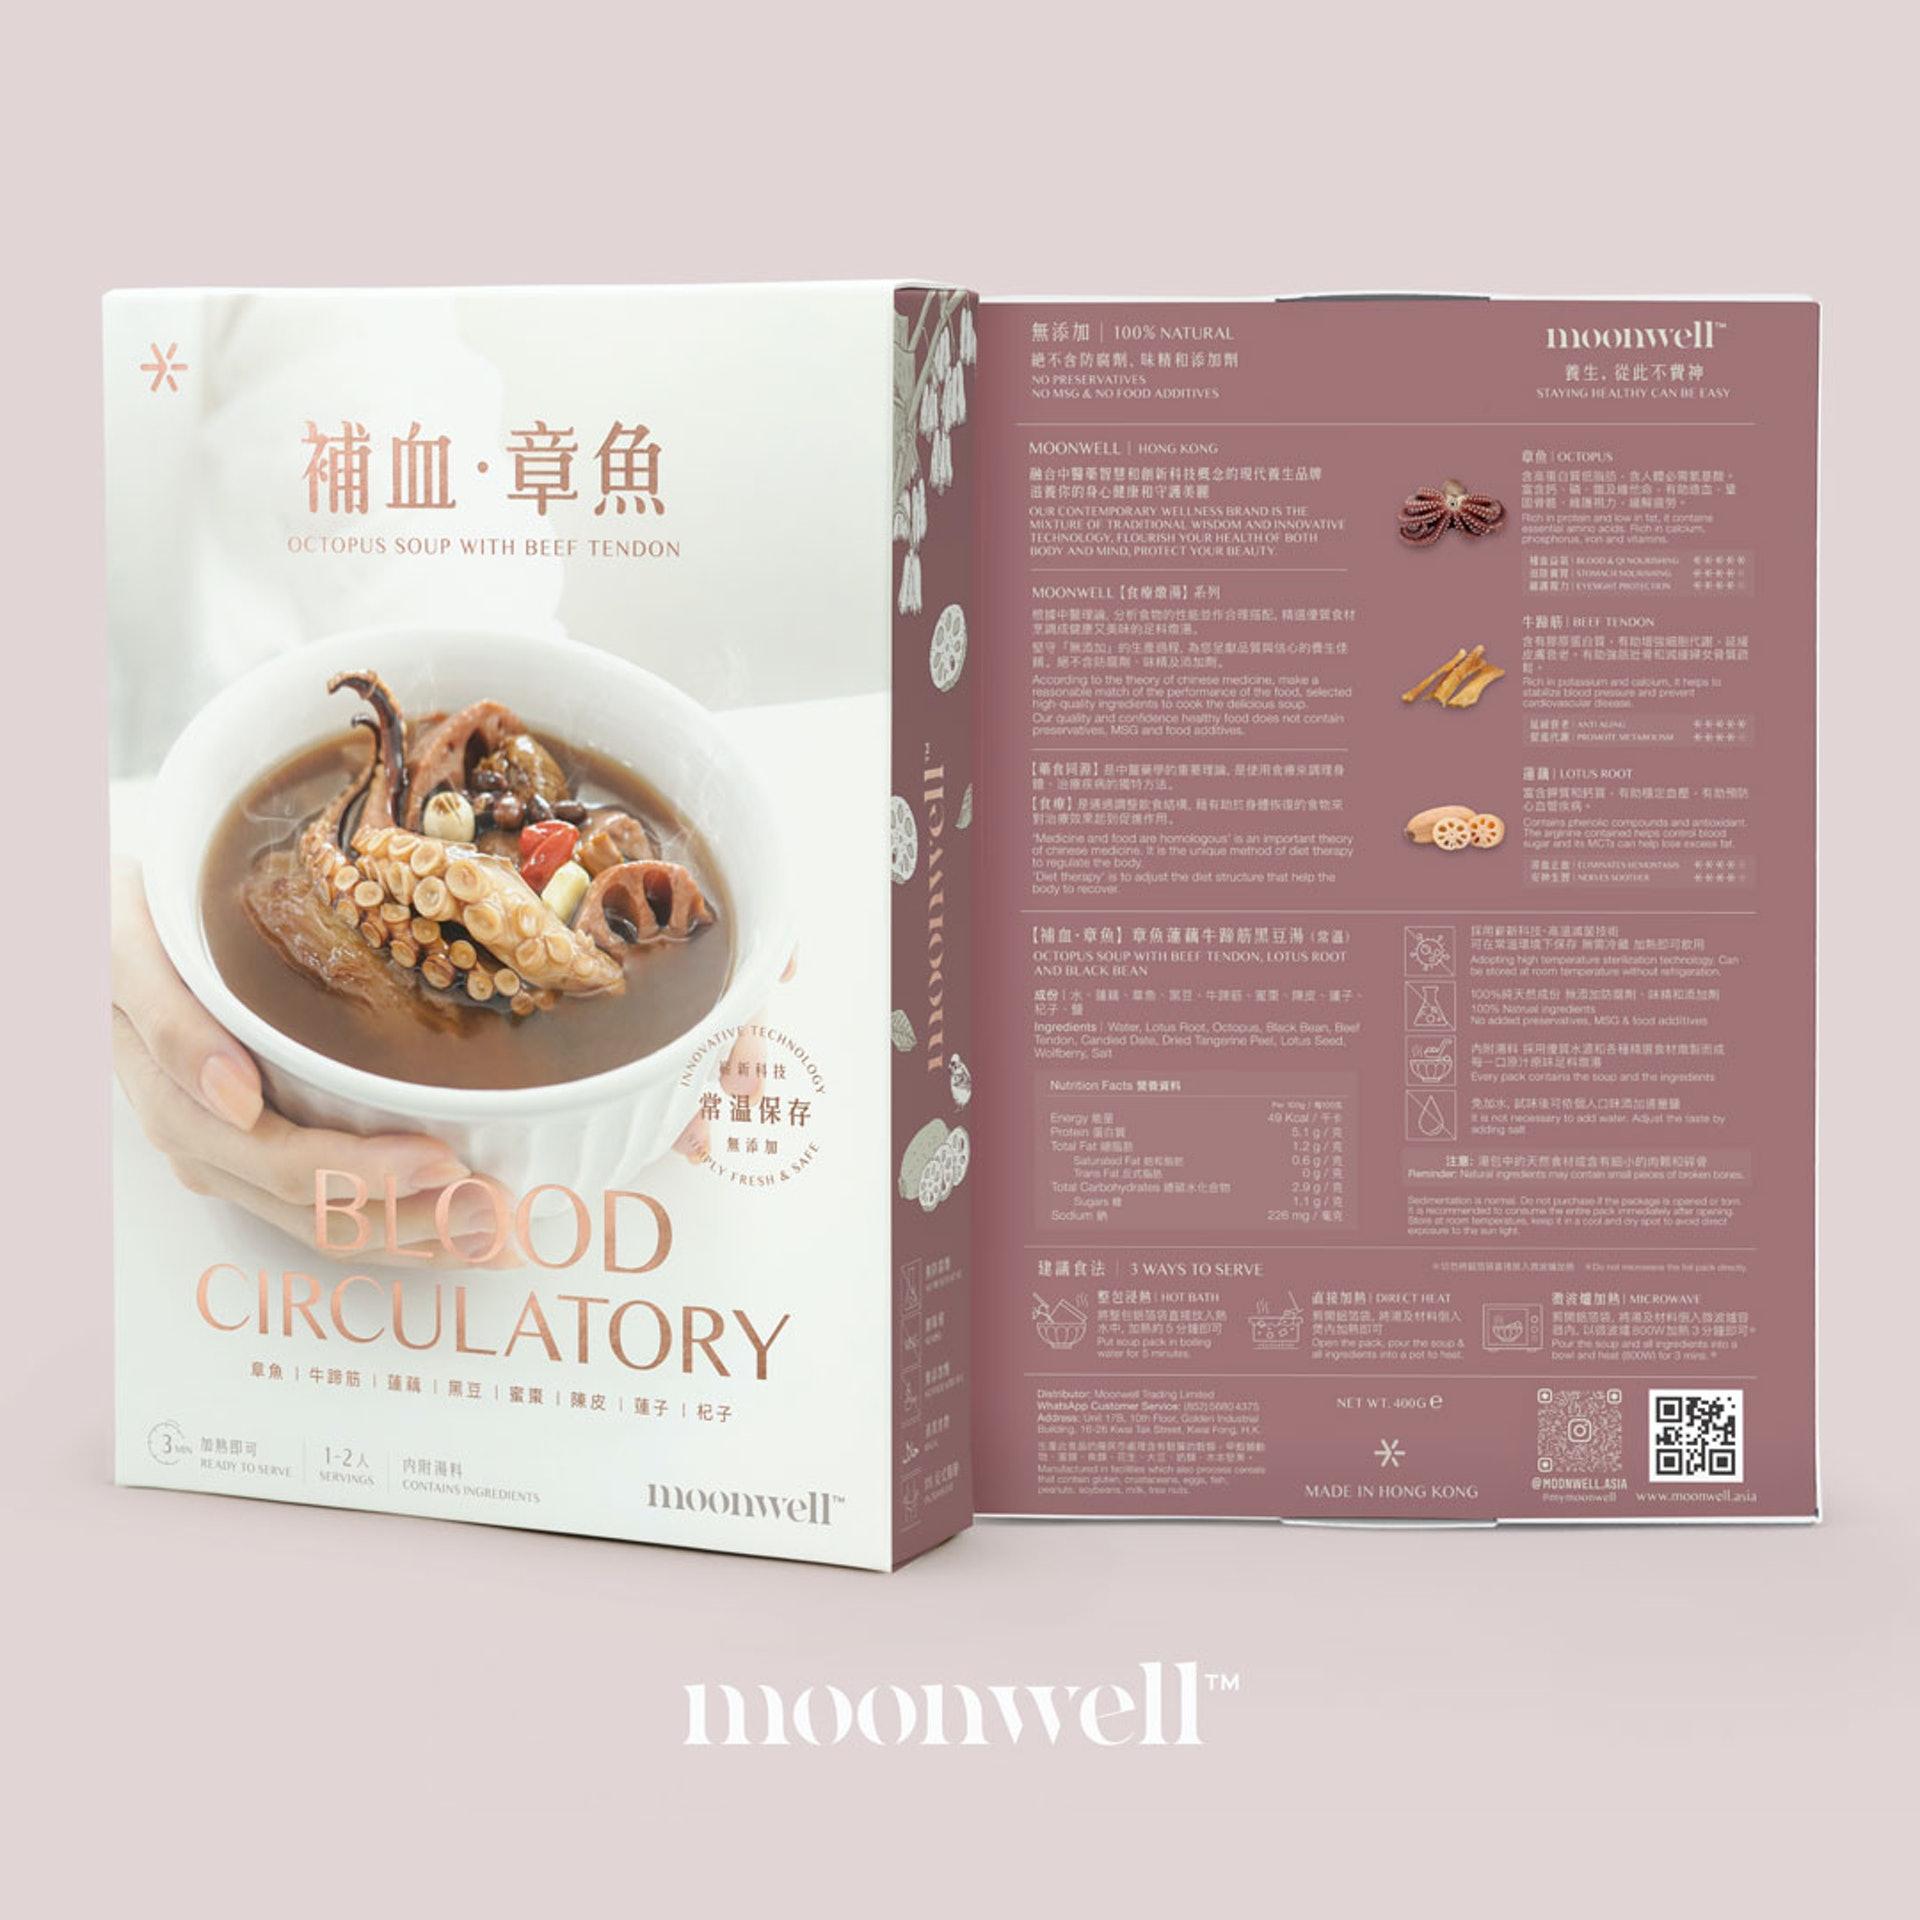 針對易累手腳冰冷、氣血兩虛體質的人,章魚蓮藕牛蹄筋黑豆湯是補身的好選擇。(圖片:moonwell)